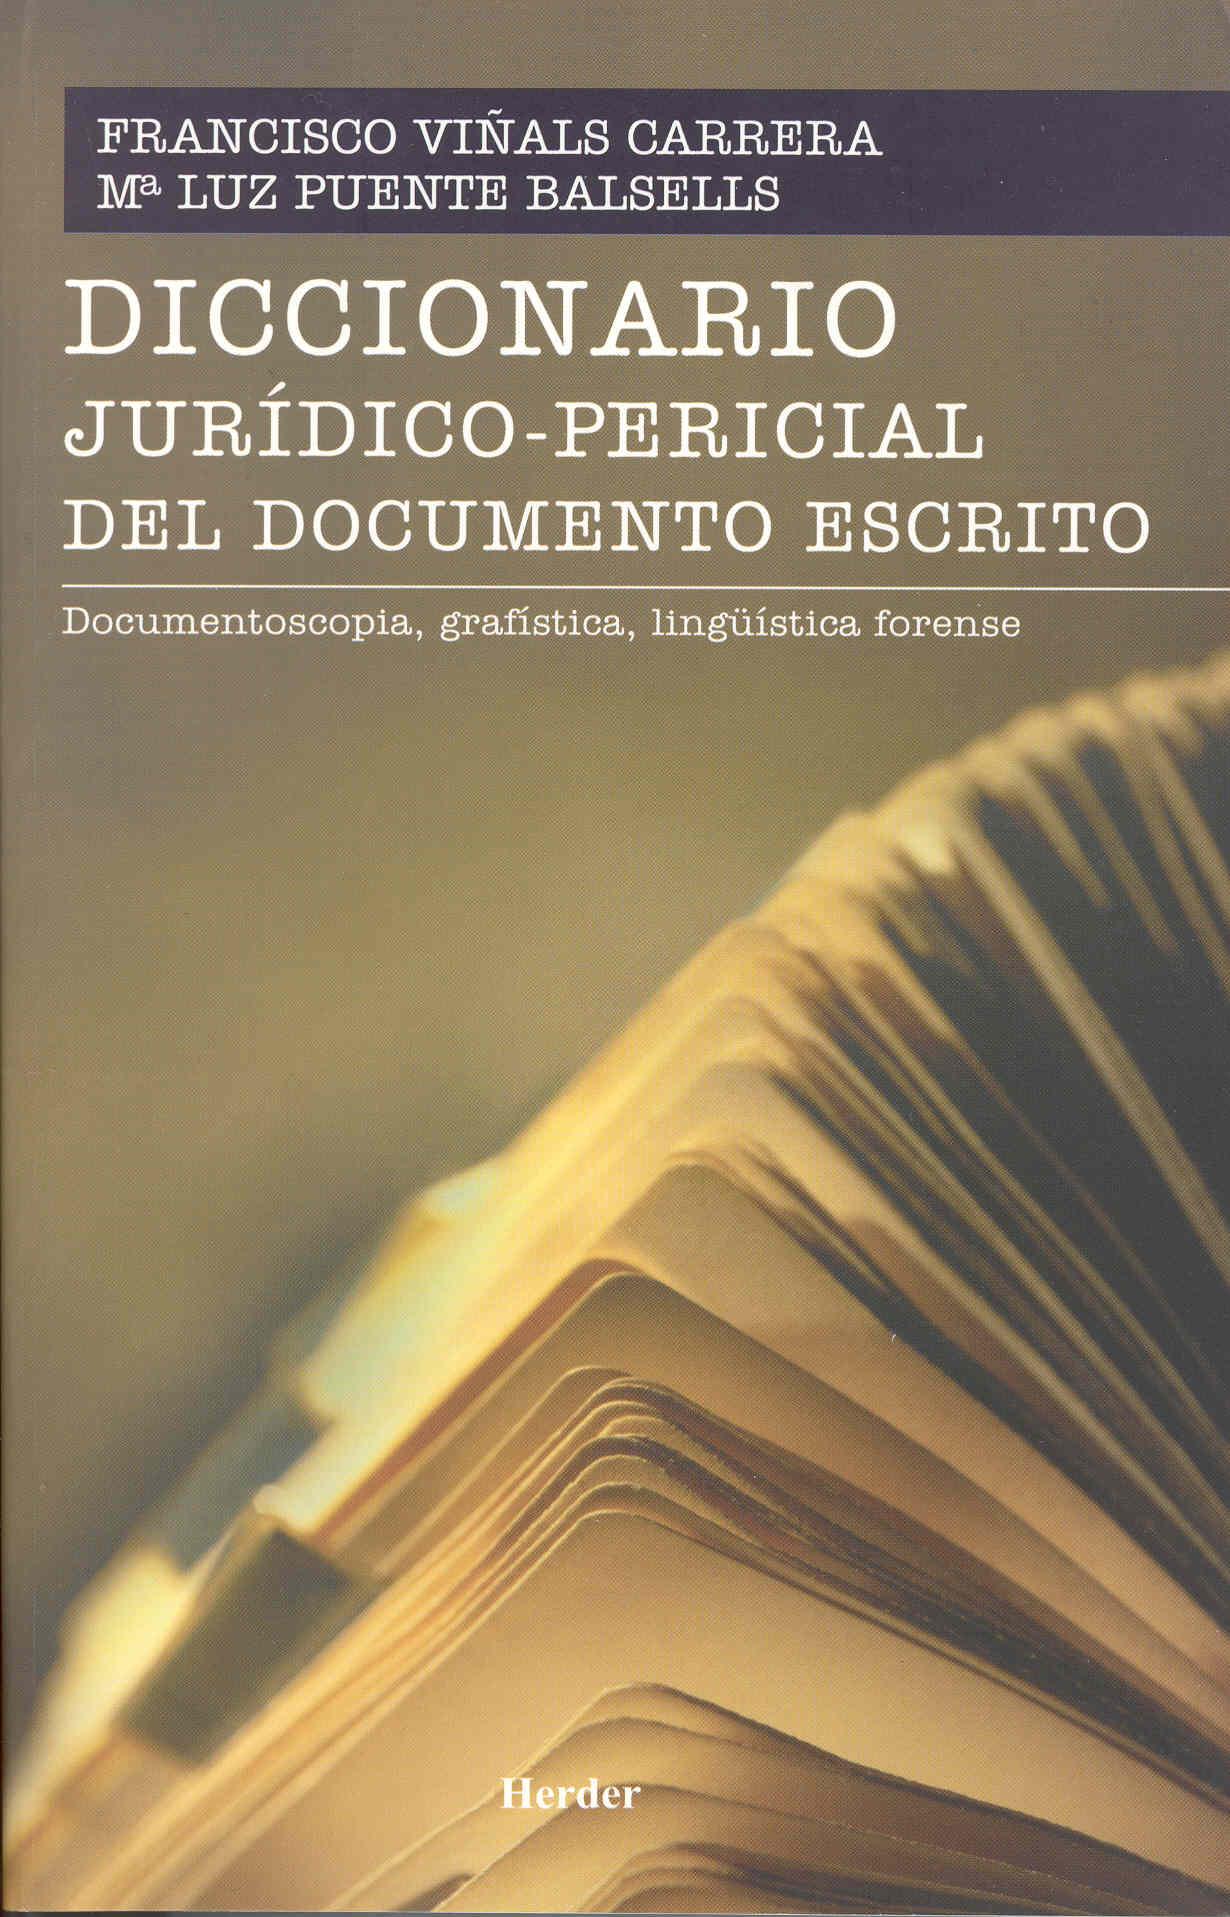 descargar diccionario juridico